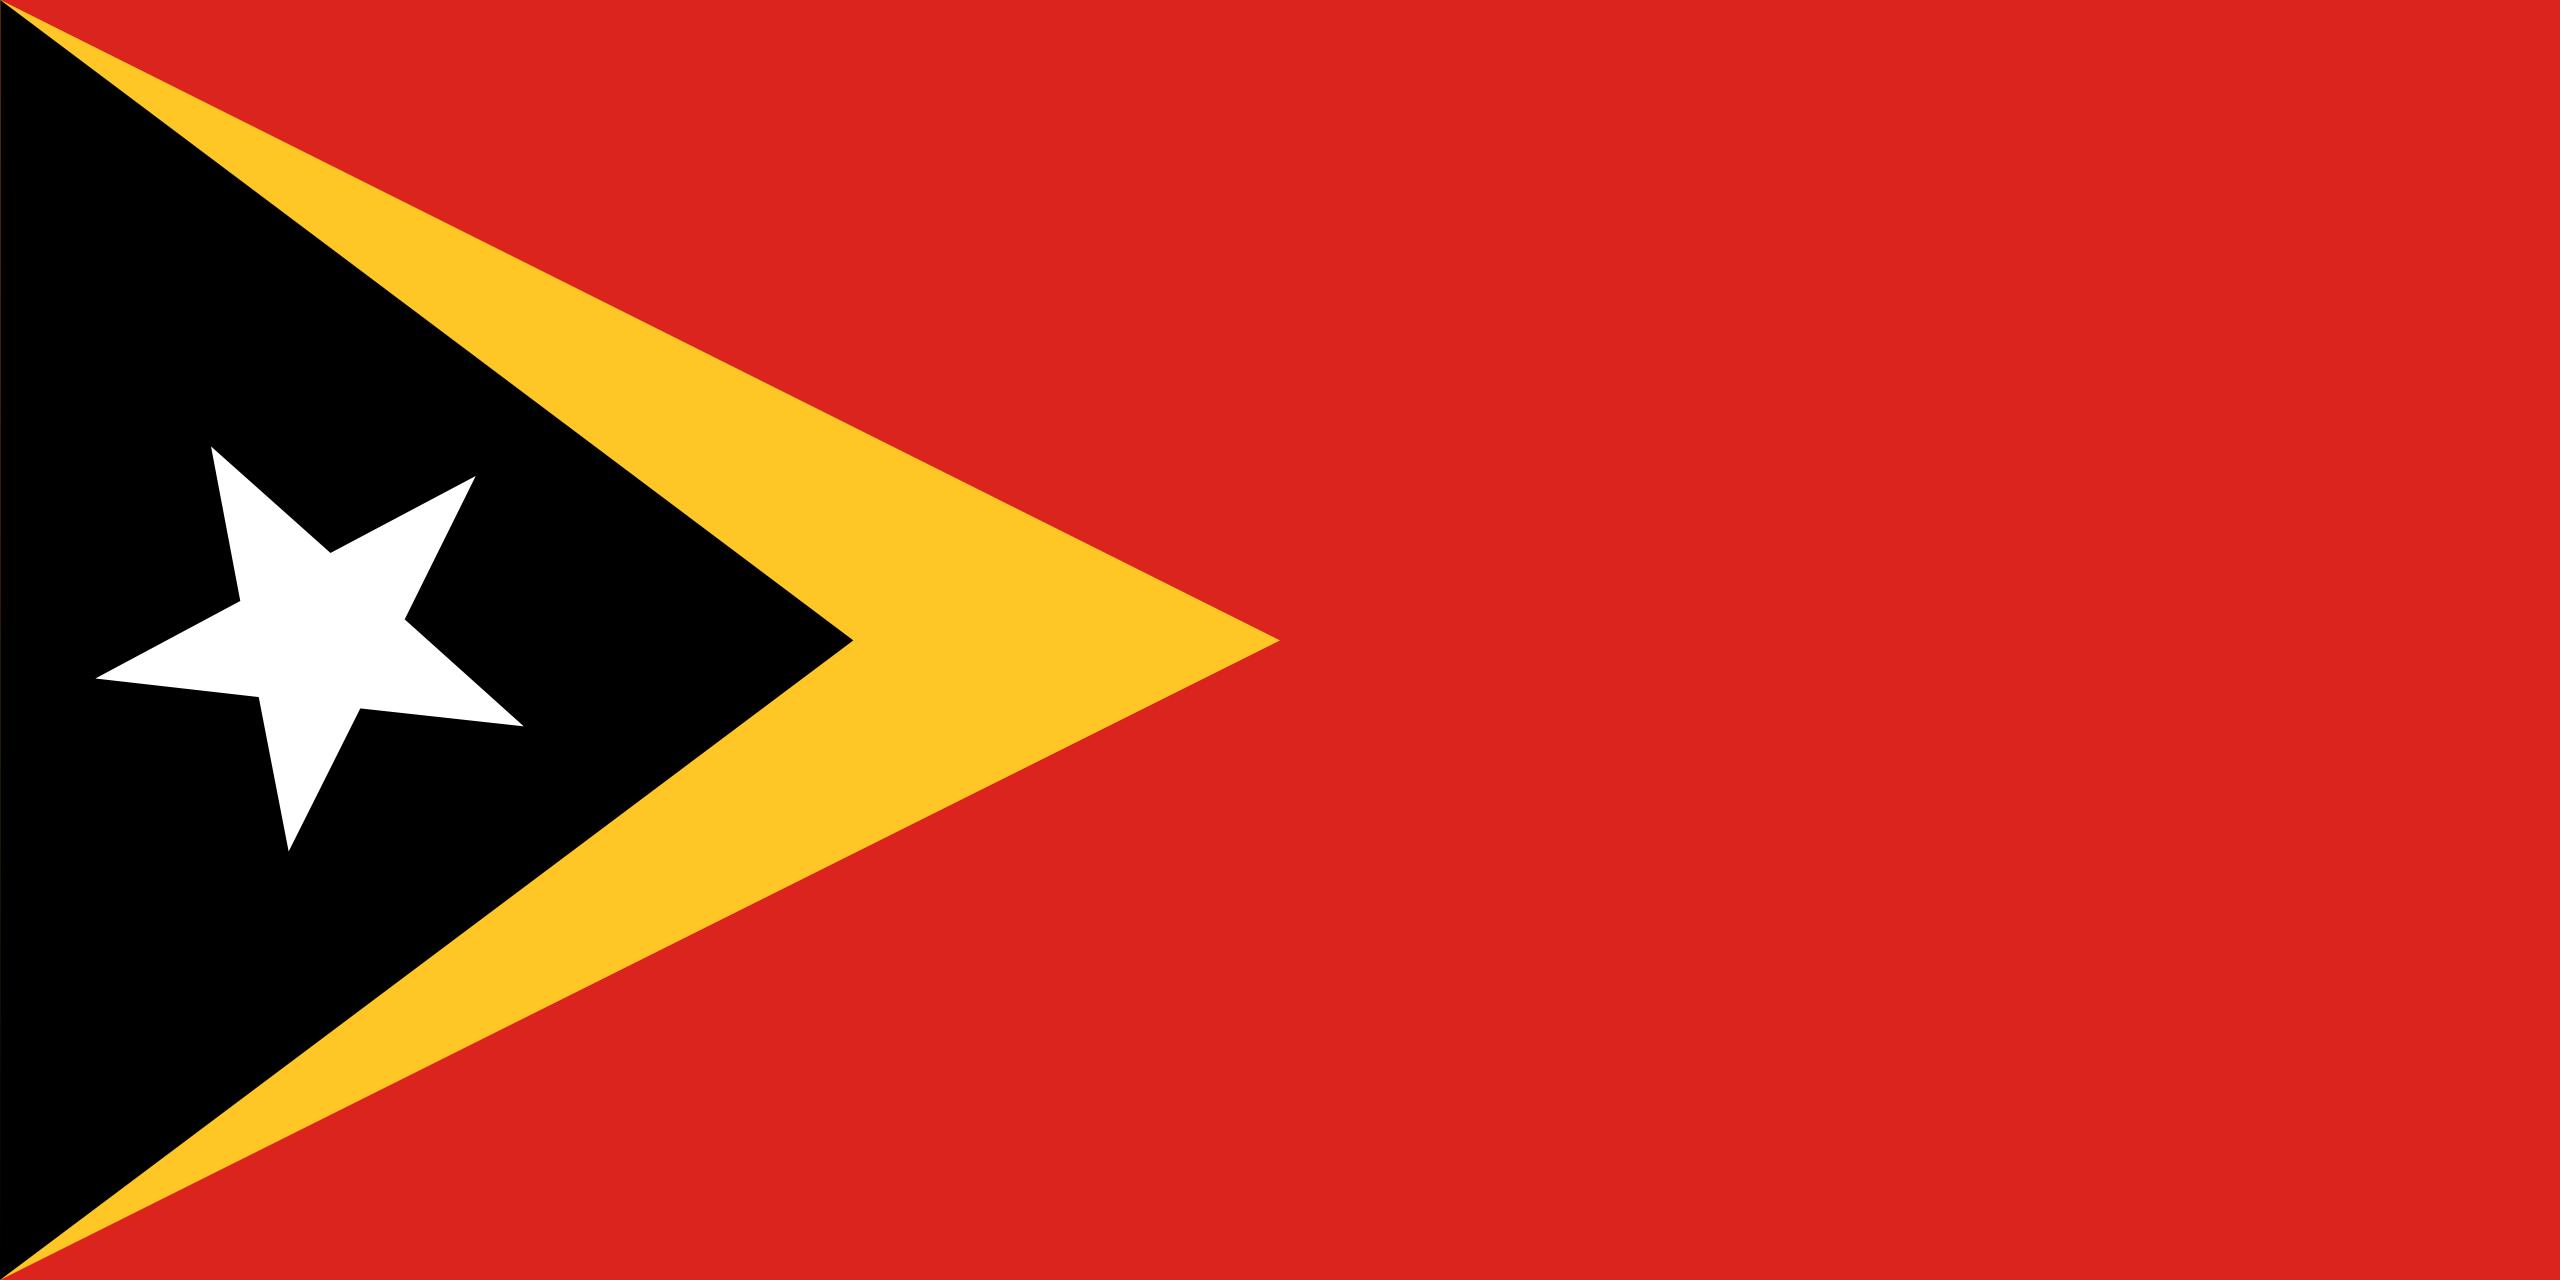 timor oriental, χώρα, έμβλημα, λογότυπο, σύμβολο - Wallpapers HD - Professor-falken.com